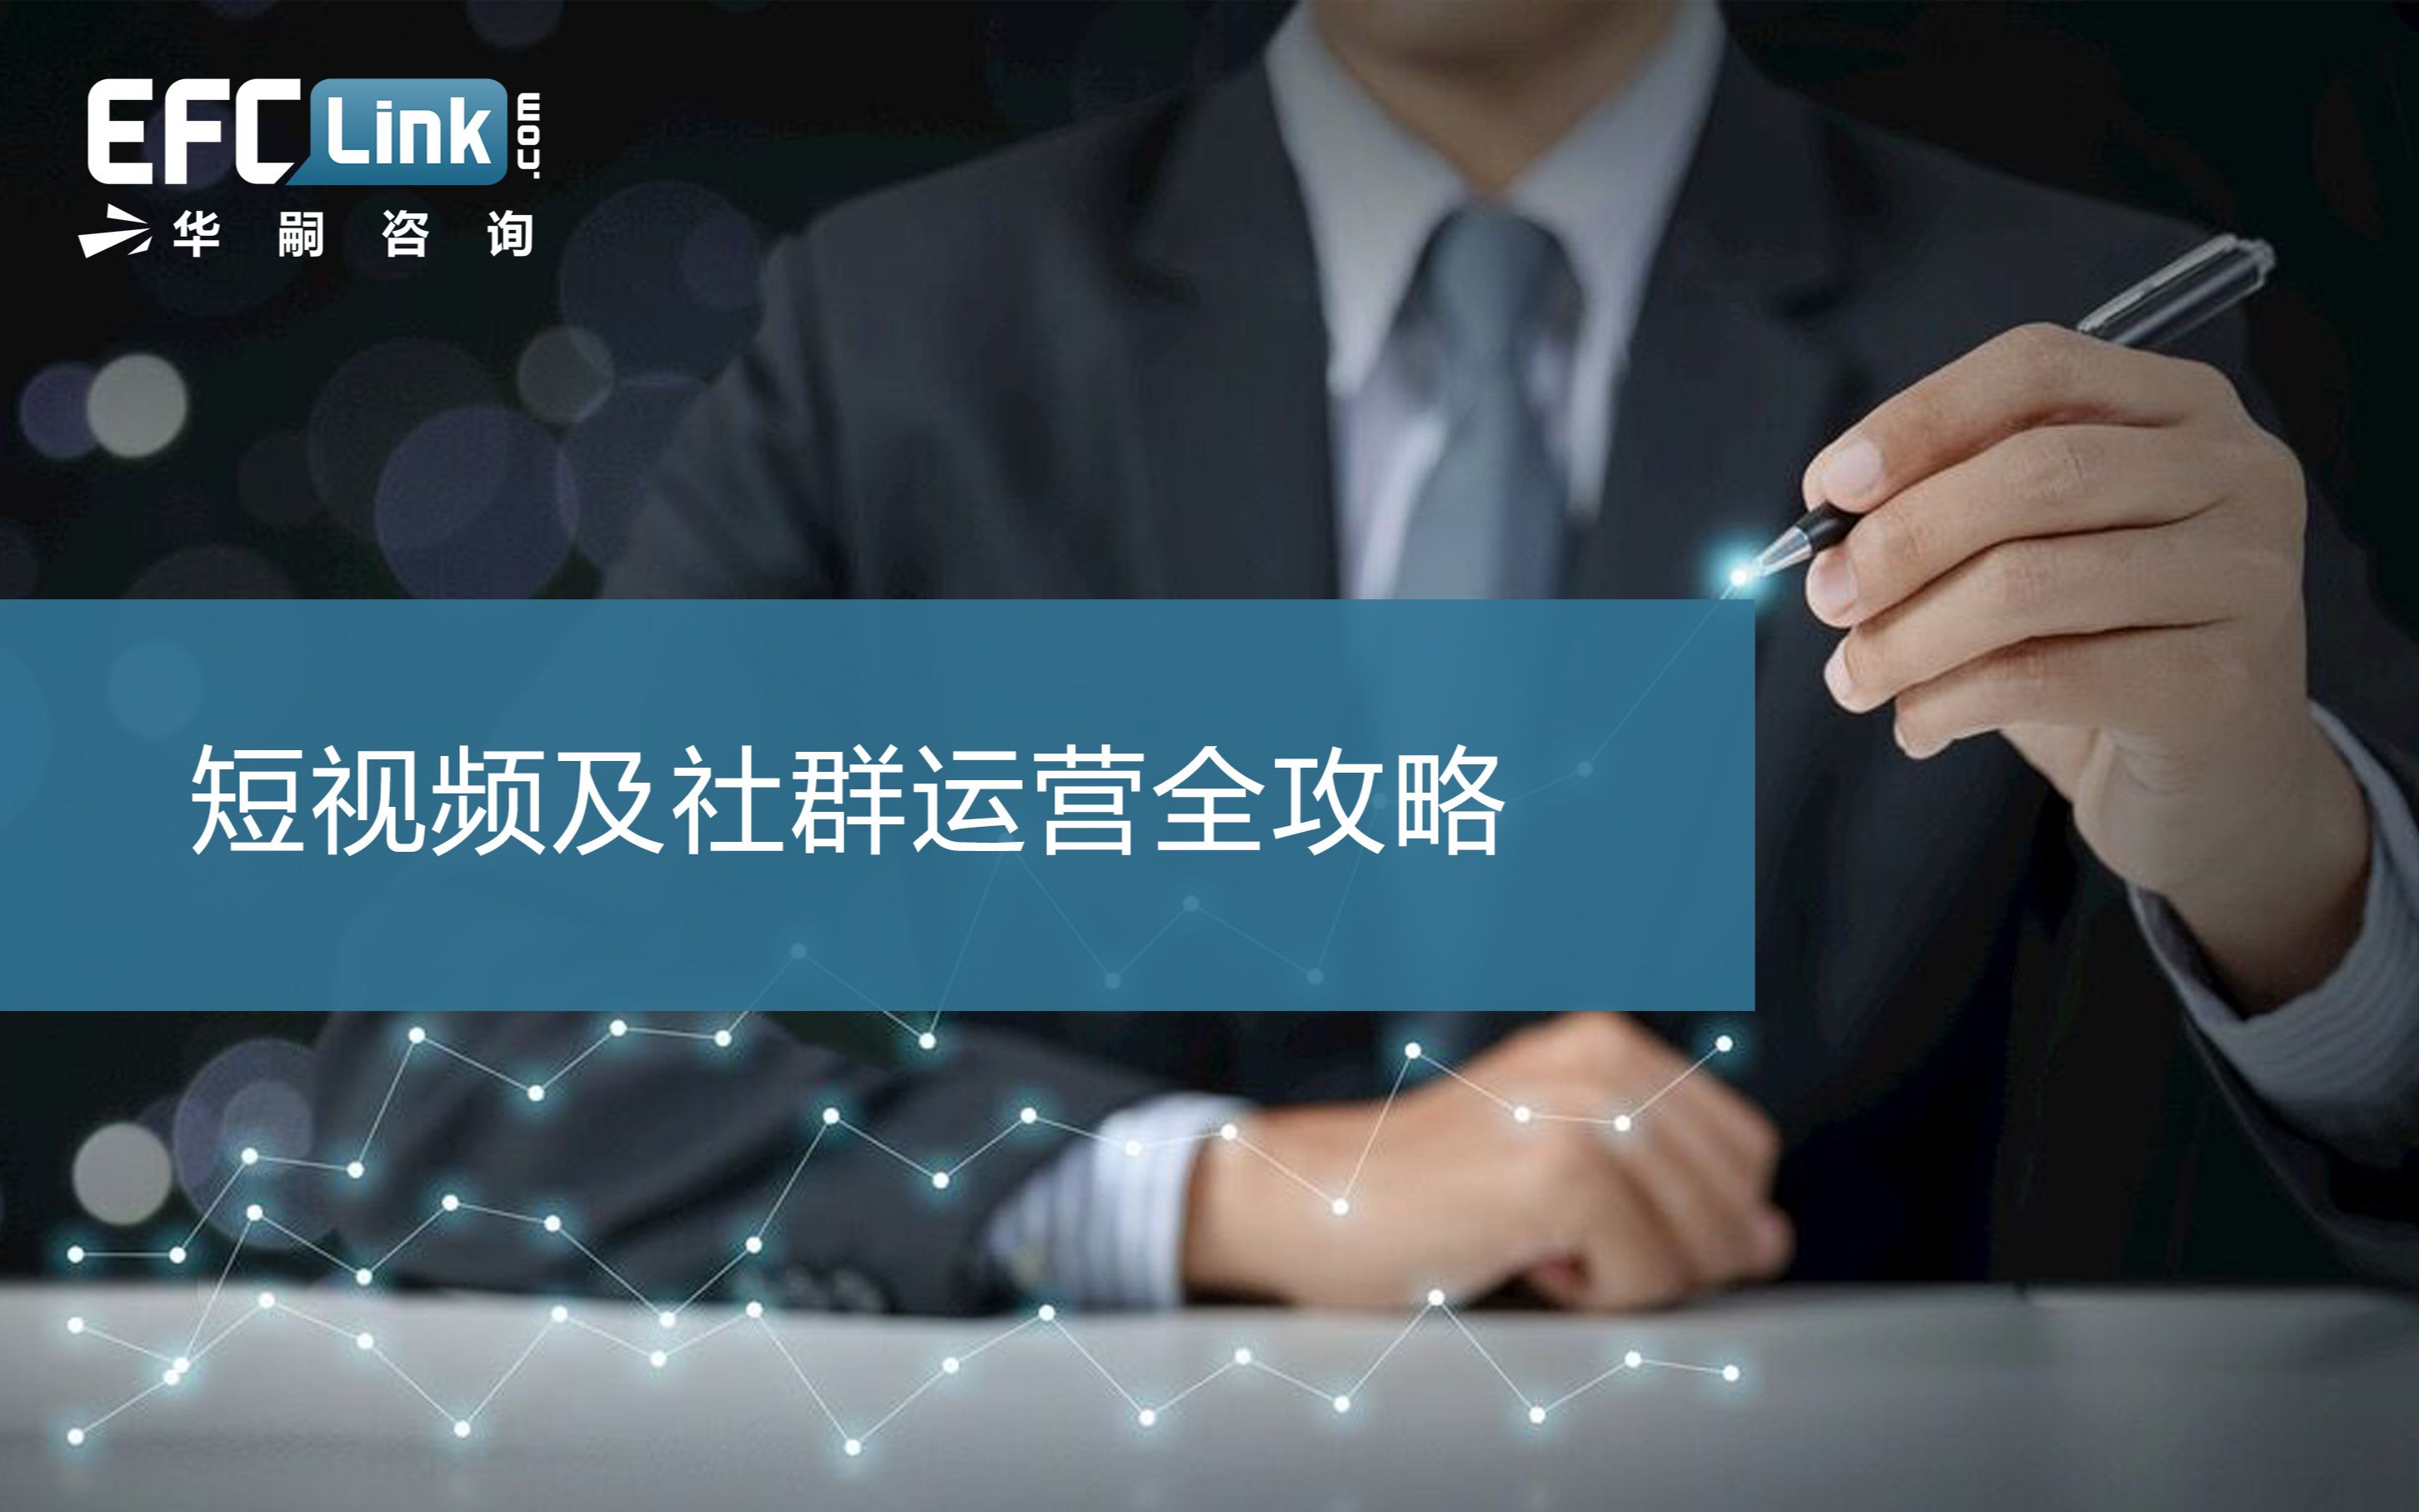 短视频及社群运营全攻略(深圳-4月24日)